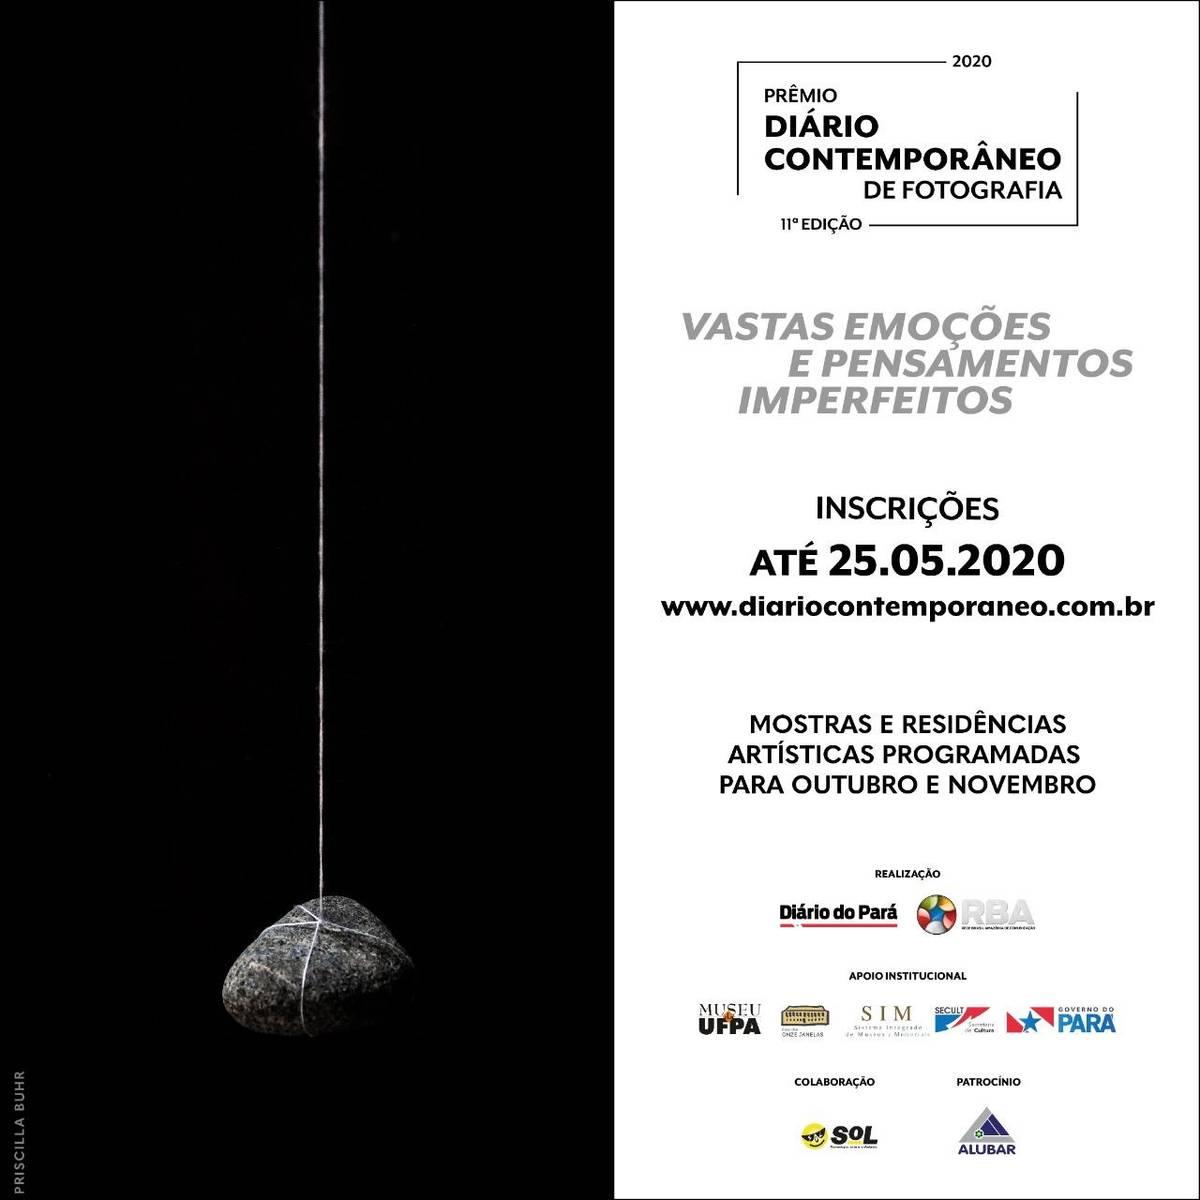 Diário Contemporâneo estende inscrições até 25 de maio